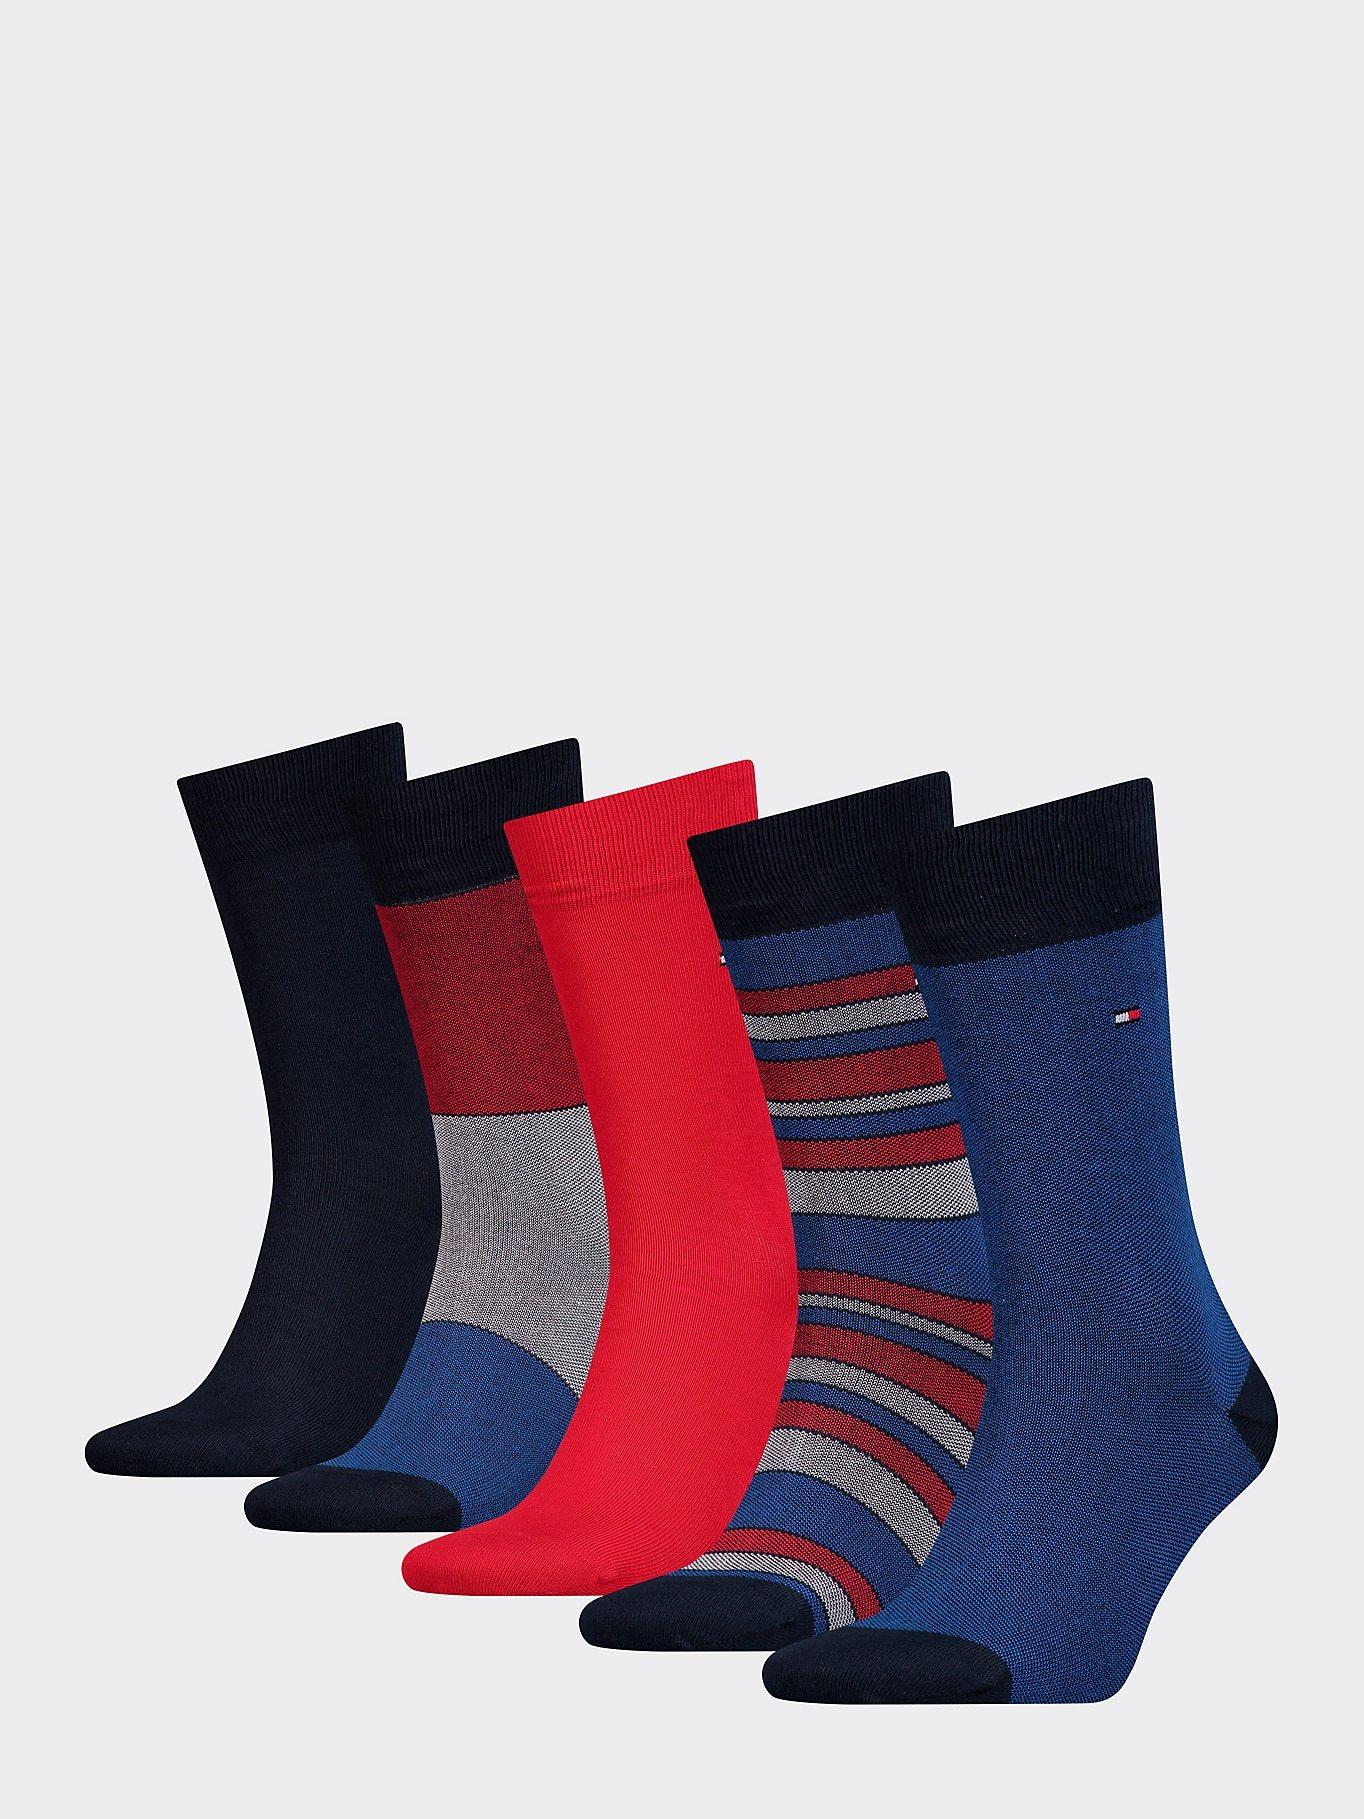 Tommy Hilfiger Men's 5 Pack Stripe Socks Various Colours 871862456834 - 39-42 Black